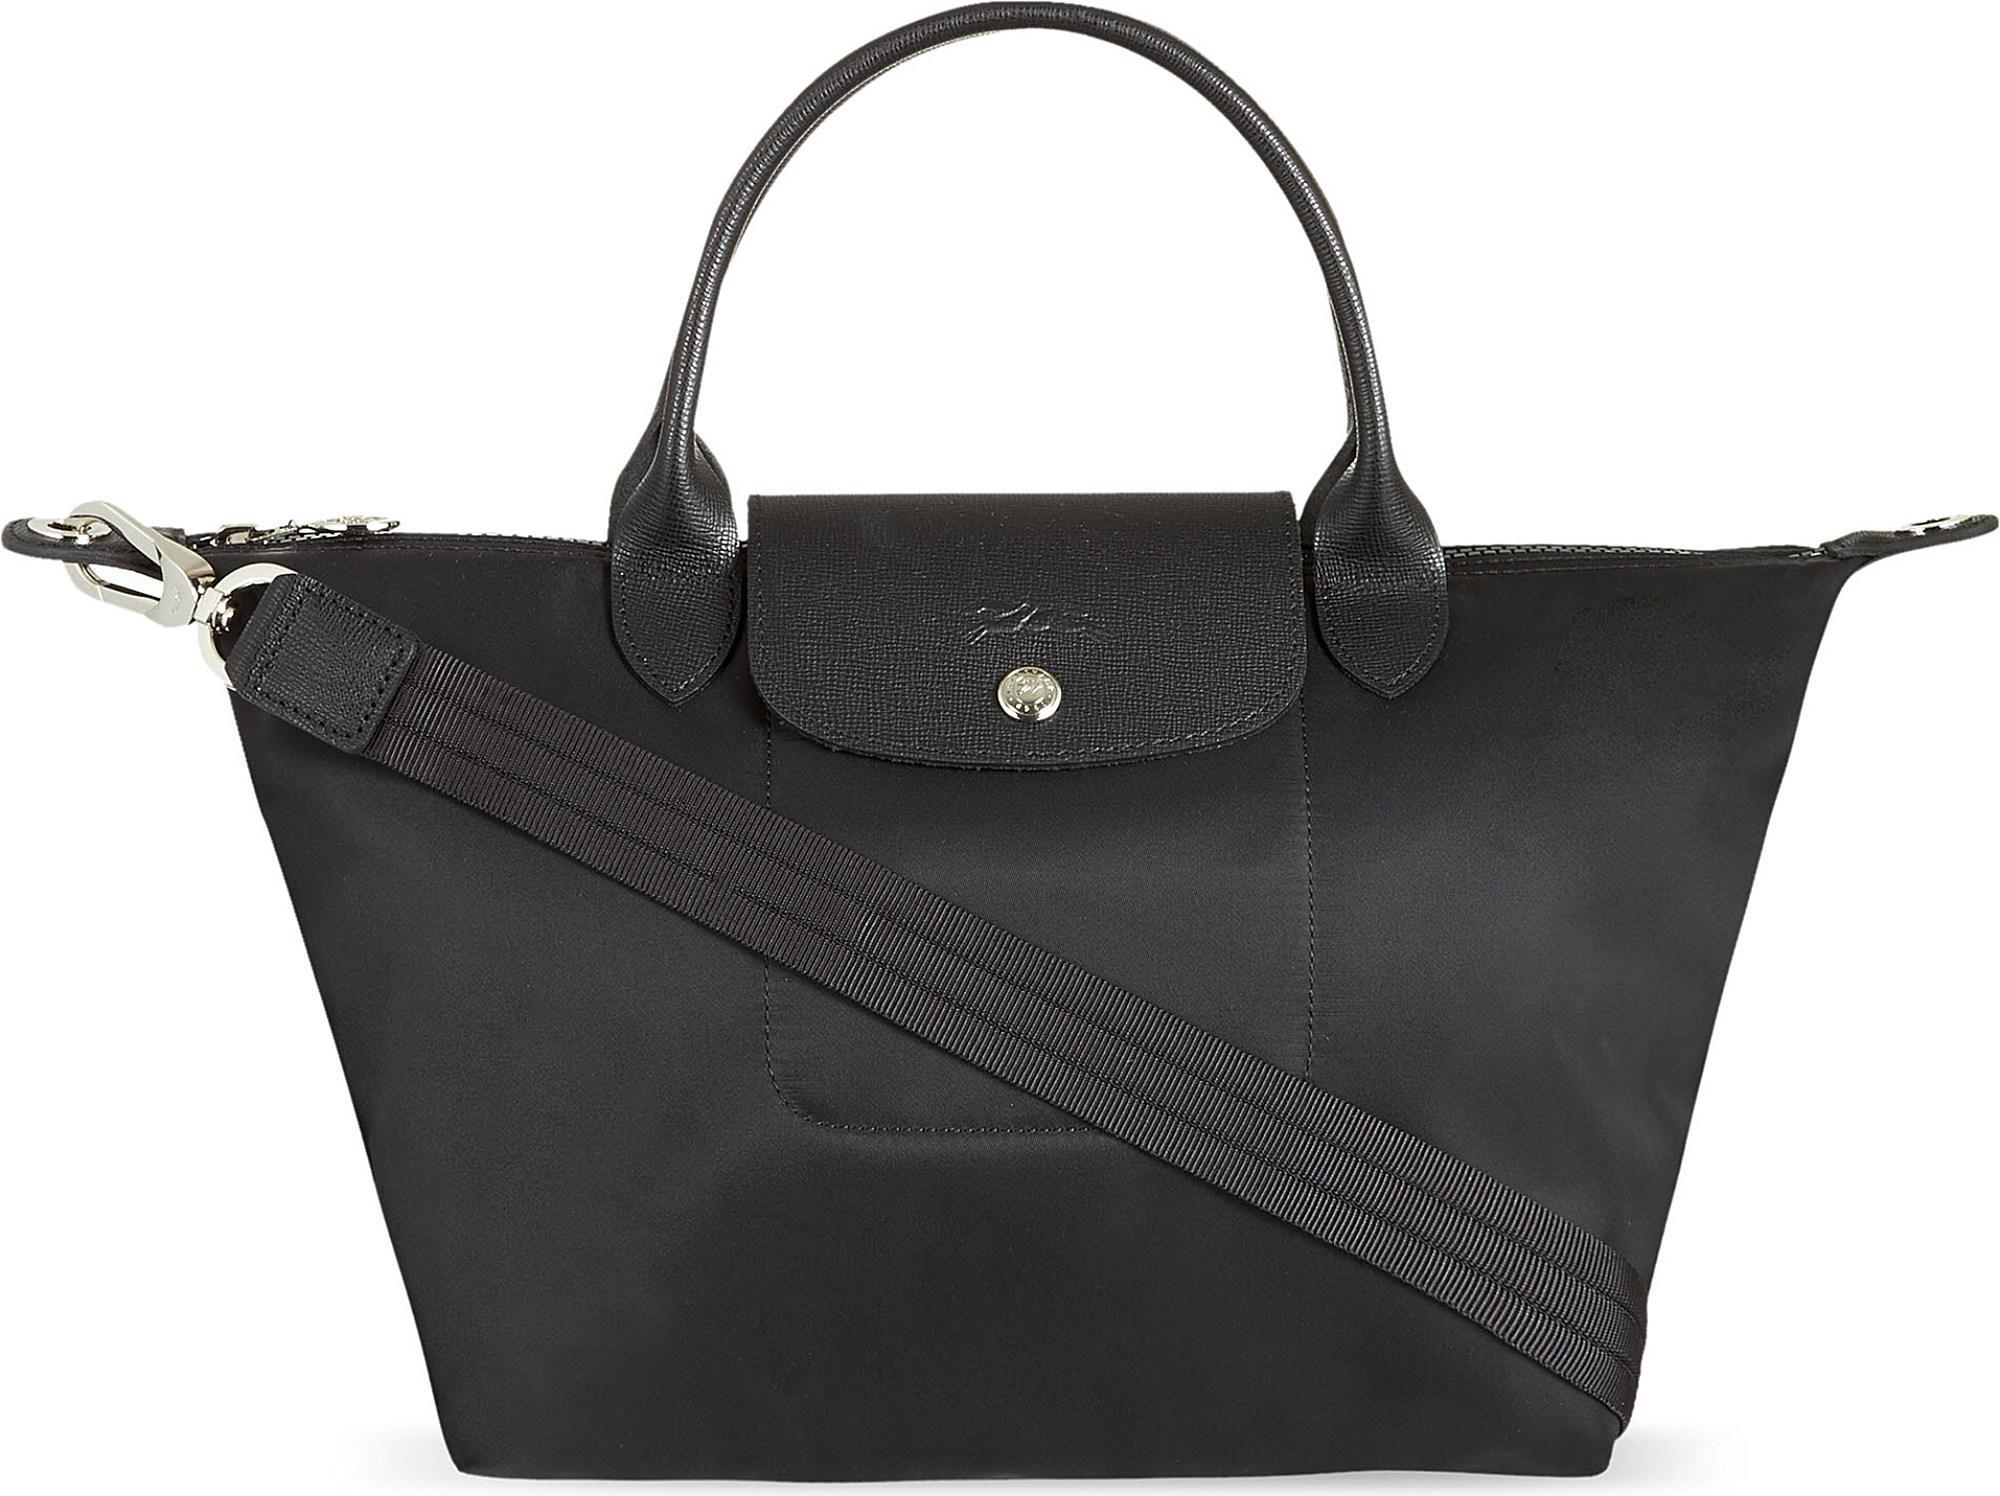 Longchamp Le Pliage Neo Medium Shopper in Black - Save 12% - Lyst 1b6c486ffac00